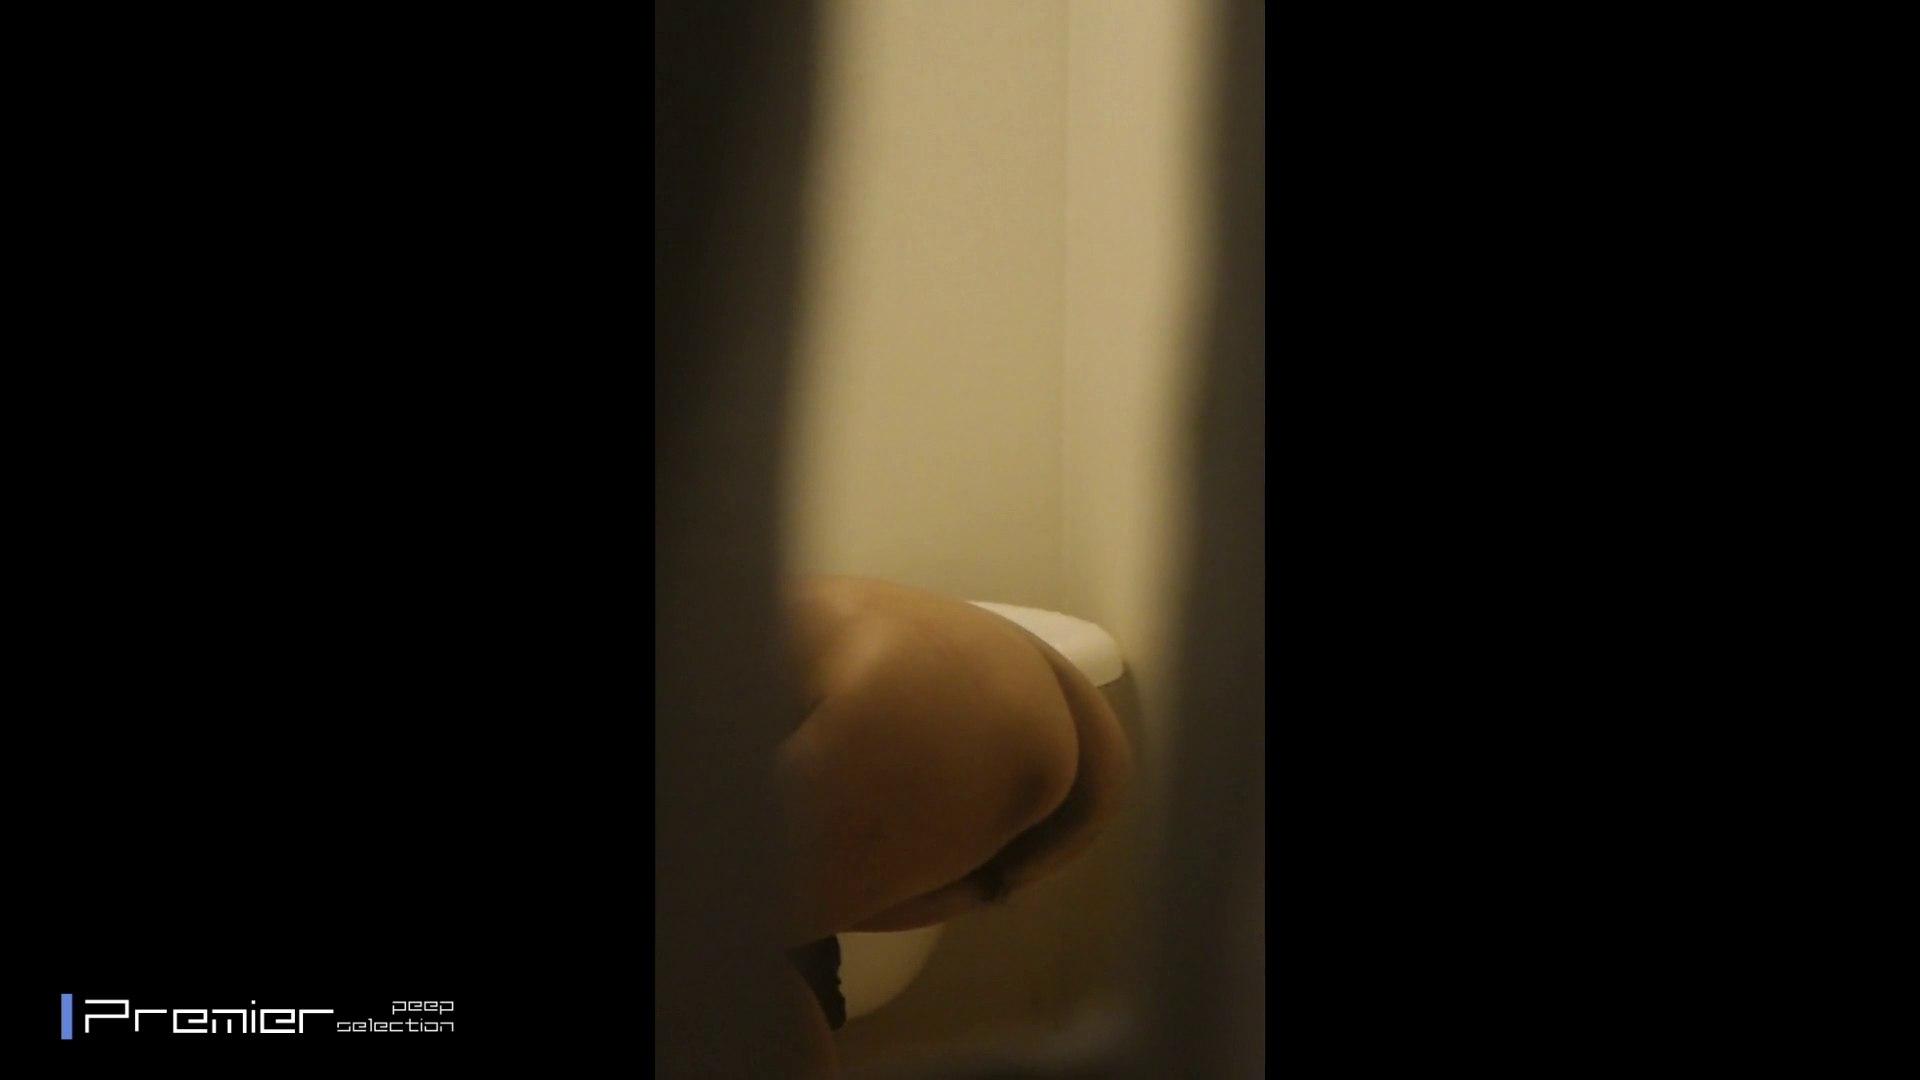 美女達の私生活に潜入!★永久保存版★モデル達の私生活 完全版 丸見えマンコ   民家  97画像 24